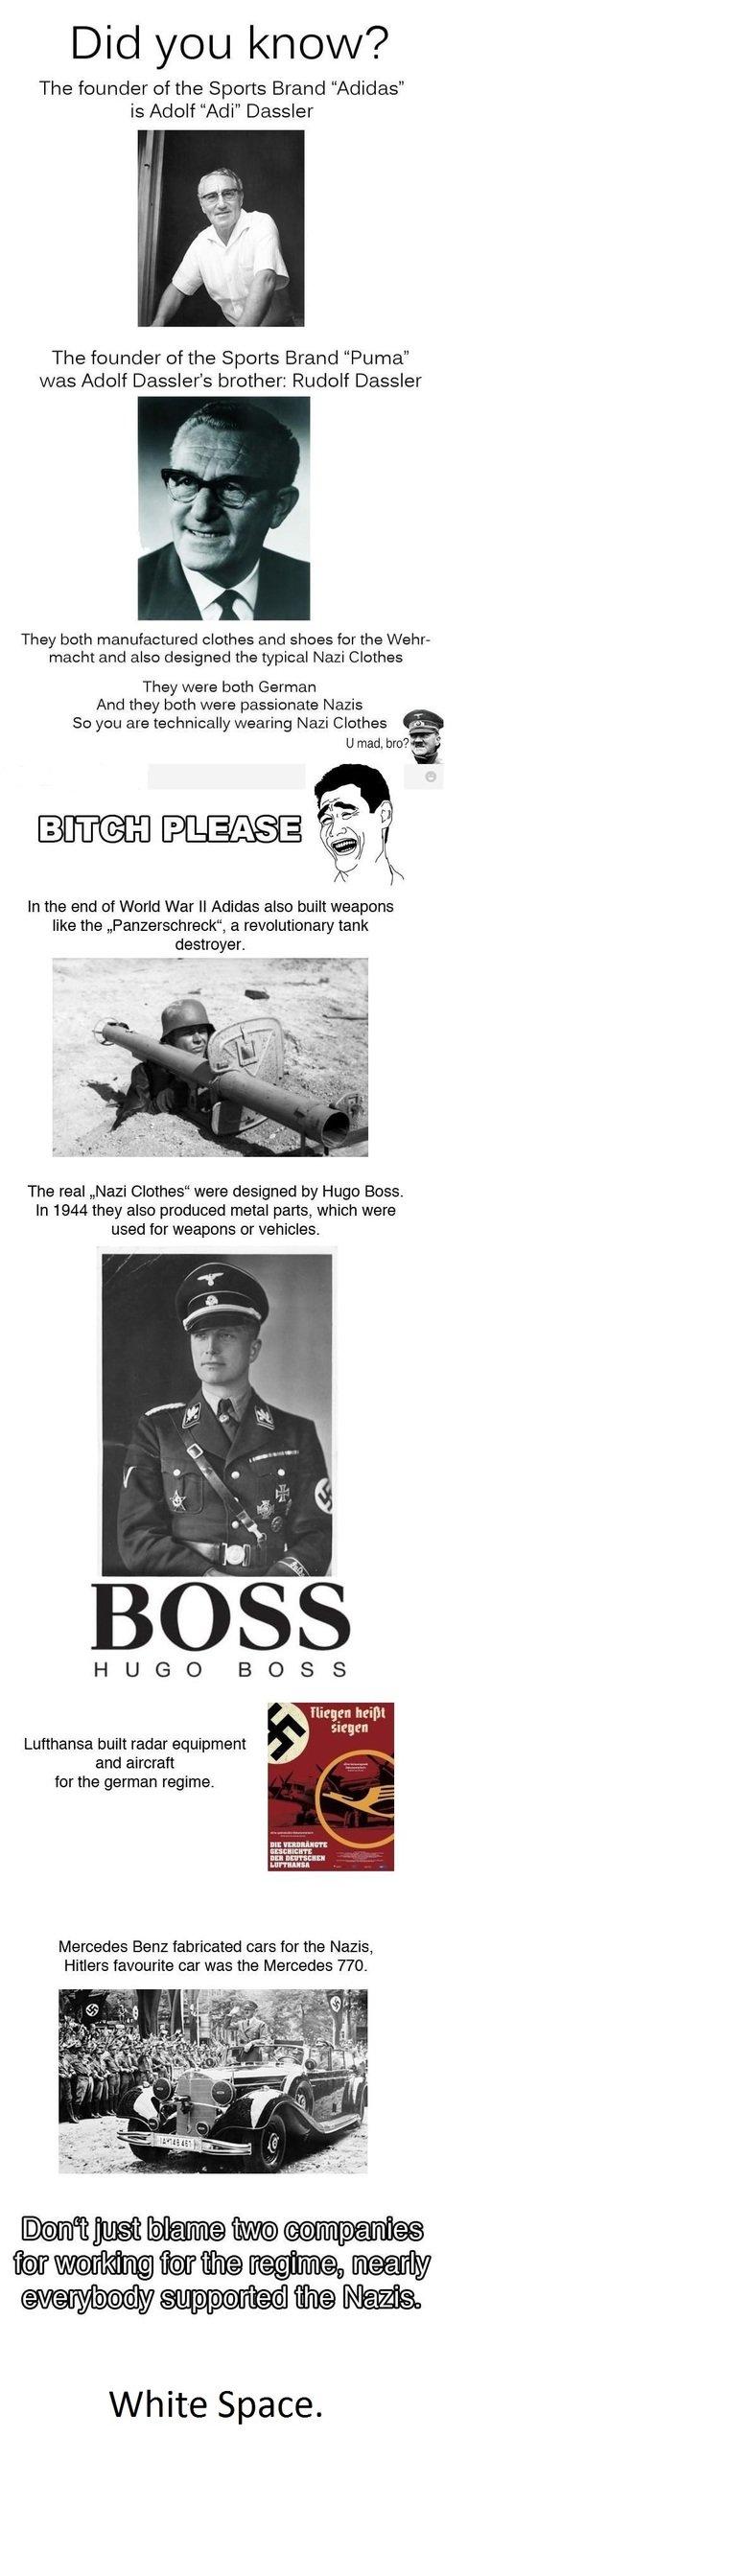 Good ol' sibling rivalry. Like a Boss! Deal with it... Panzerschreck = tank destroyer panzer - tank schreck - destroyer SCHRECK